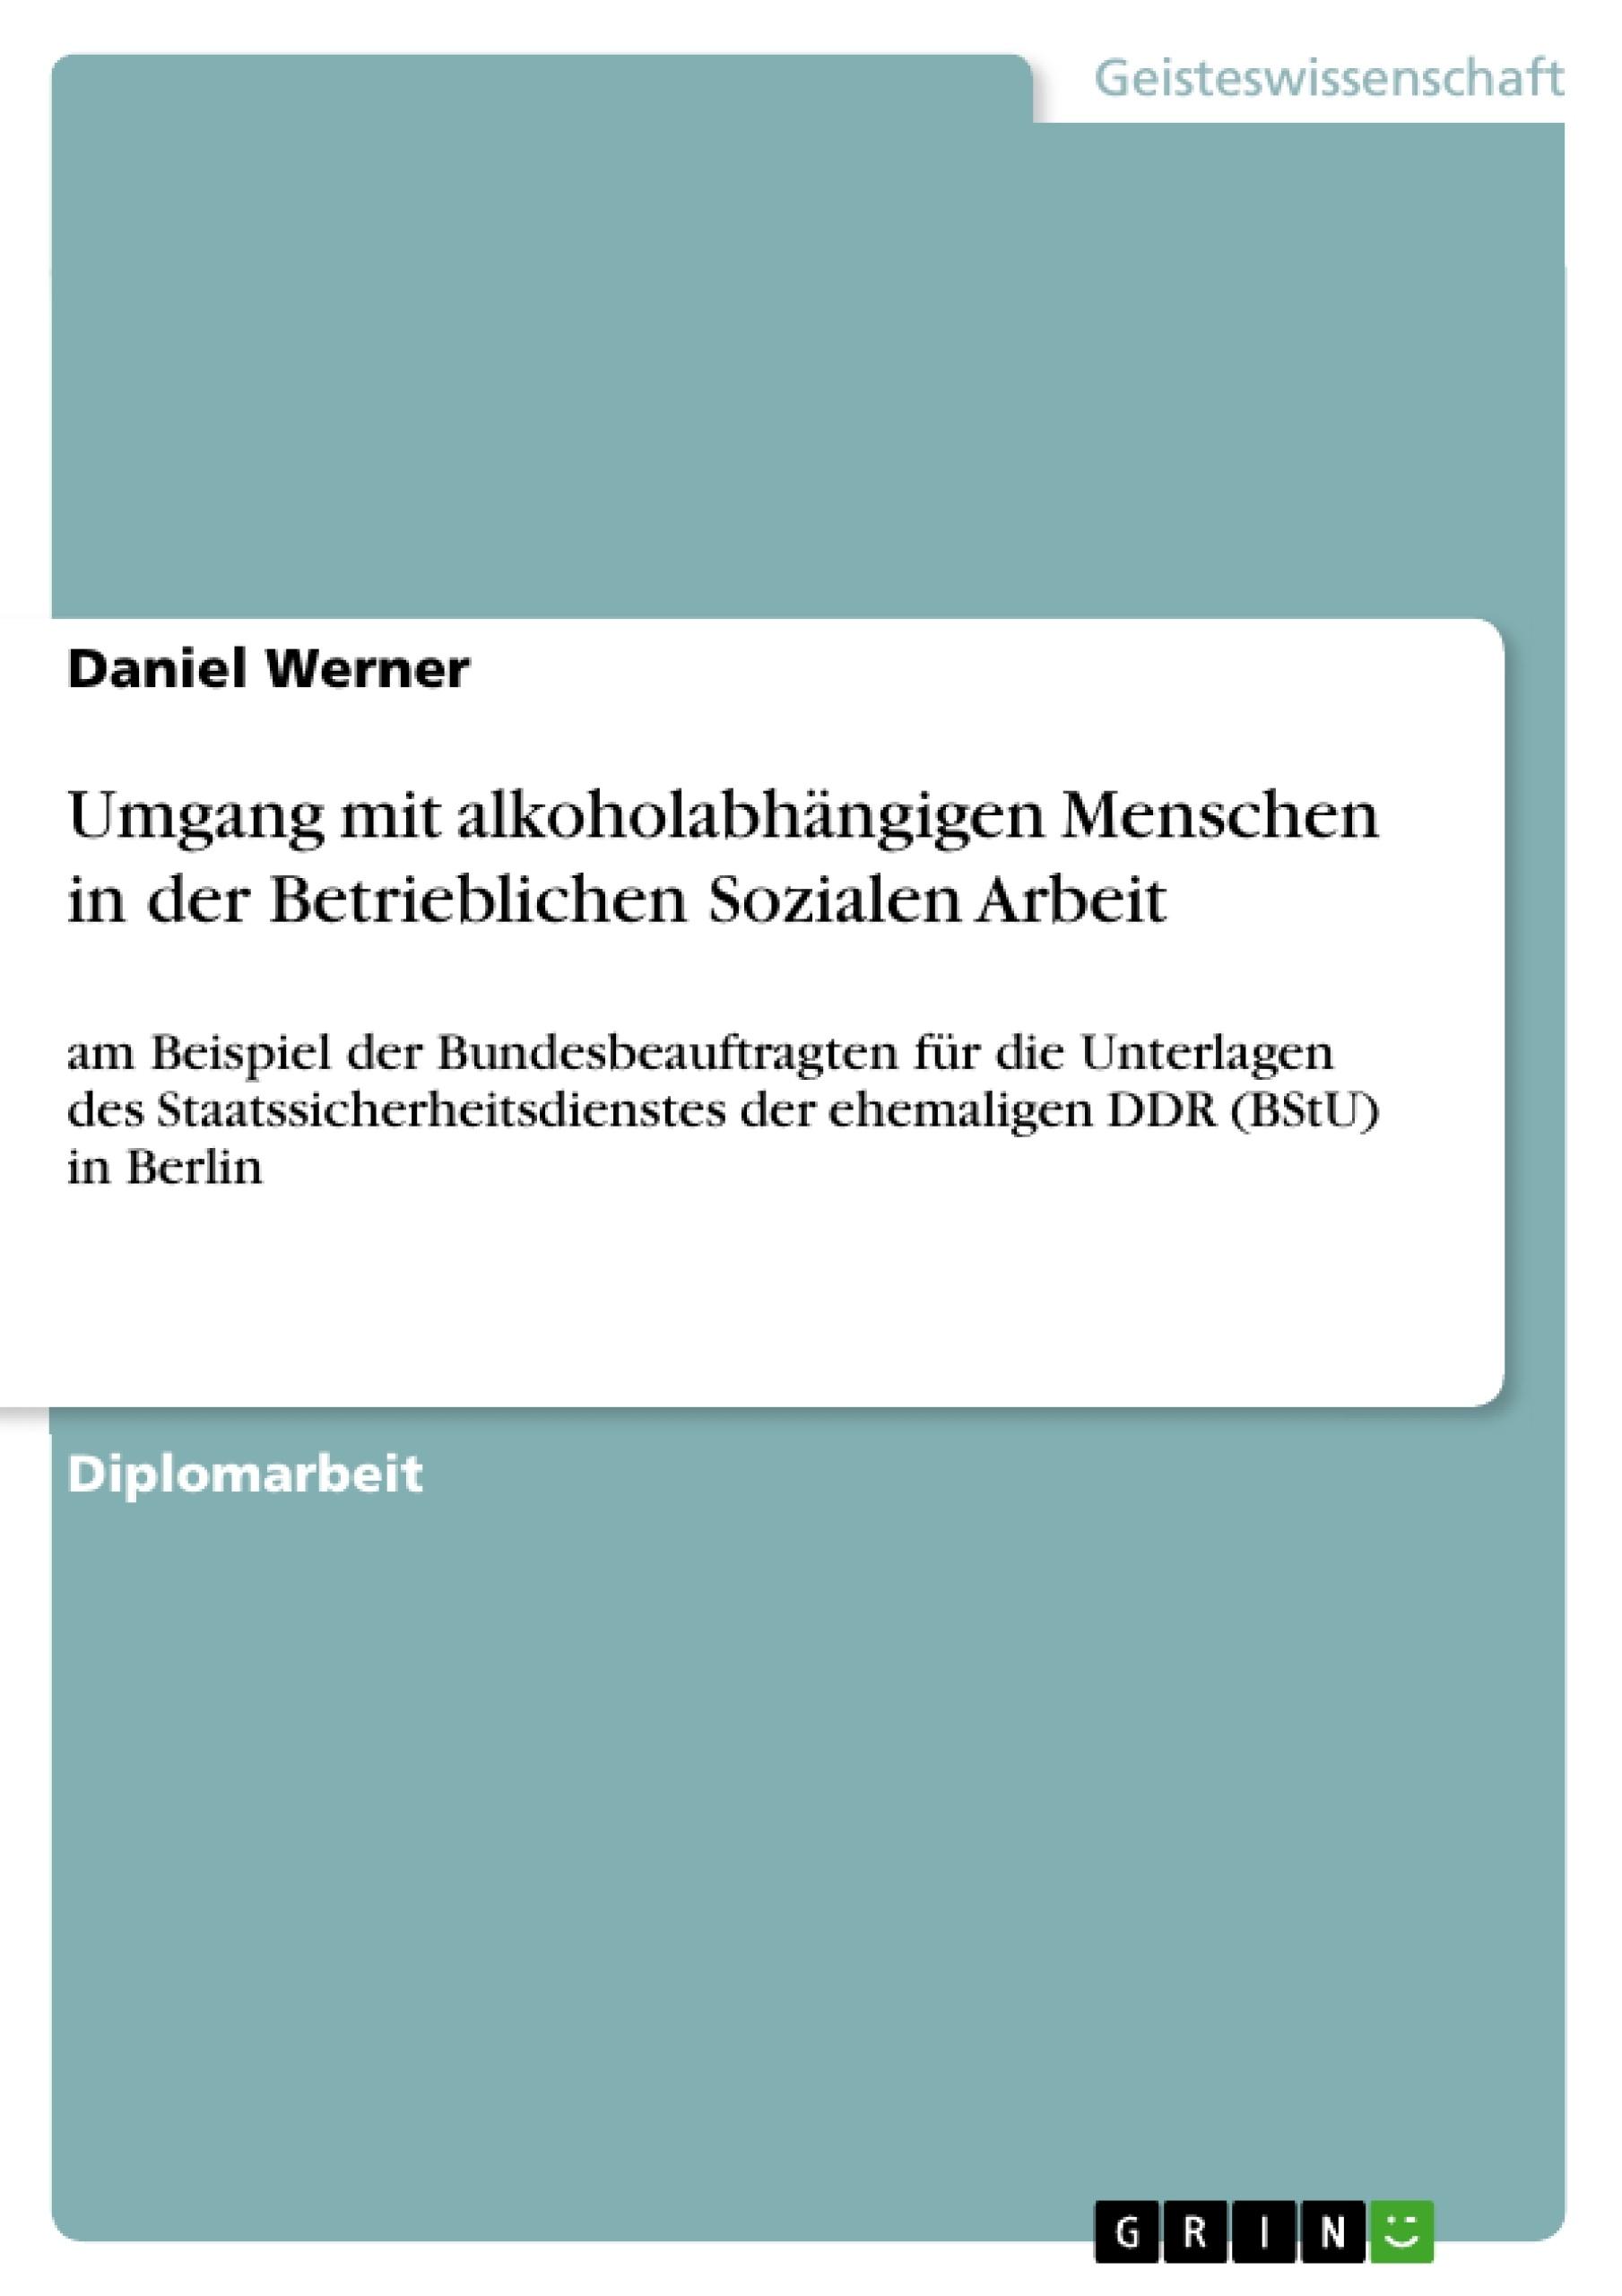 Titel: Umgang mit alkoholabhängigen Menschen in der Betrieblichen Sozialen Arbeit